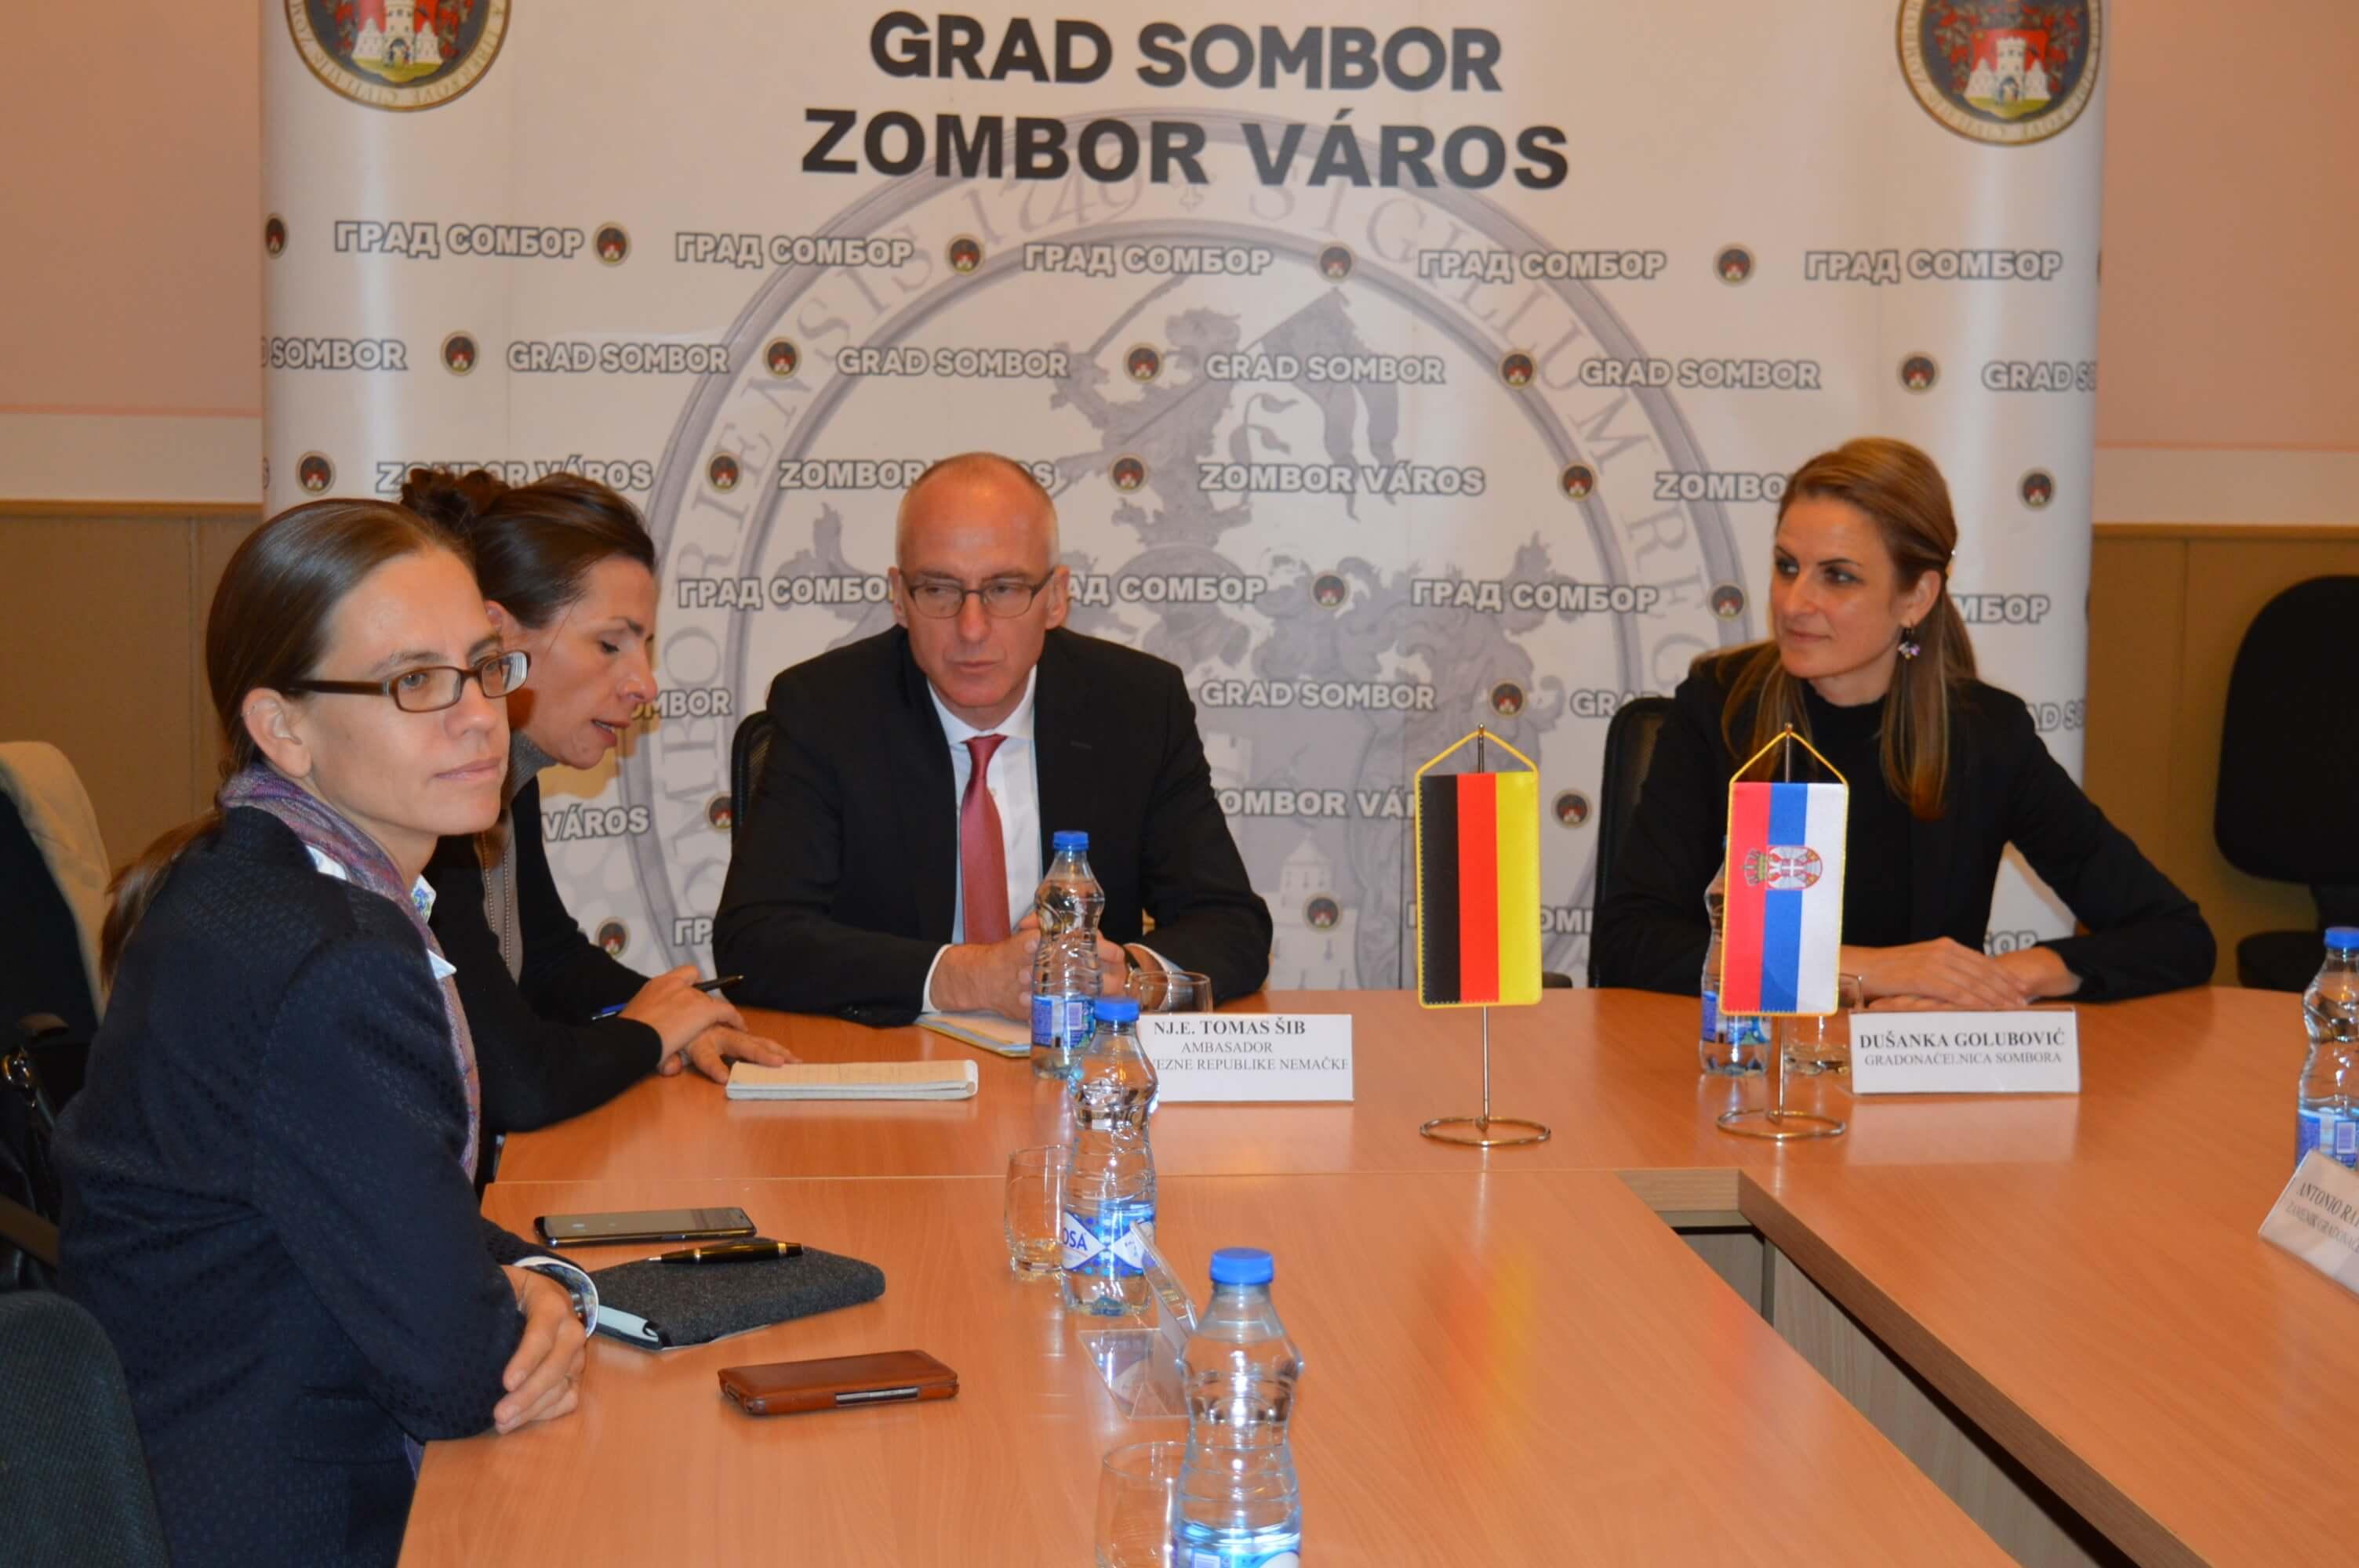 Први секретар амбасаде Руске Федерације у Србији Николај Помилујко